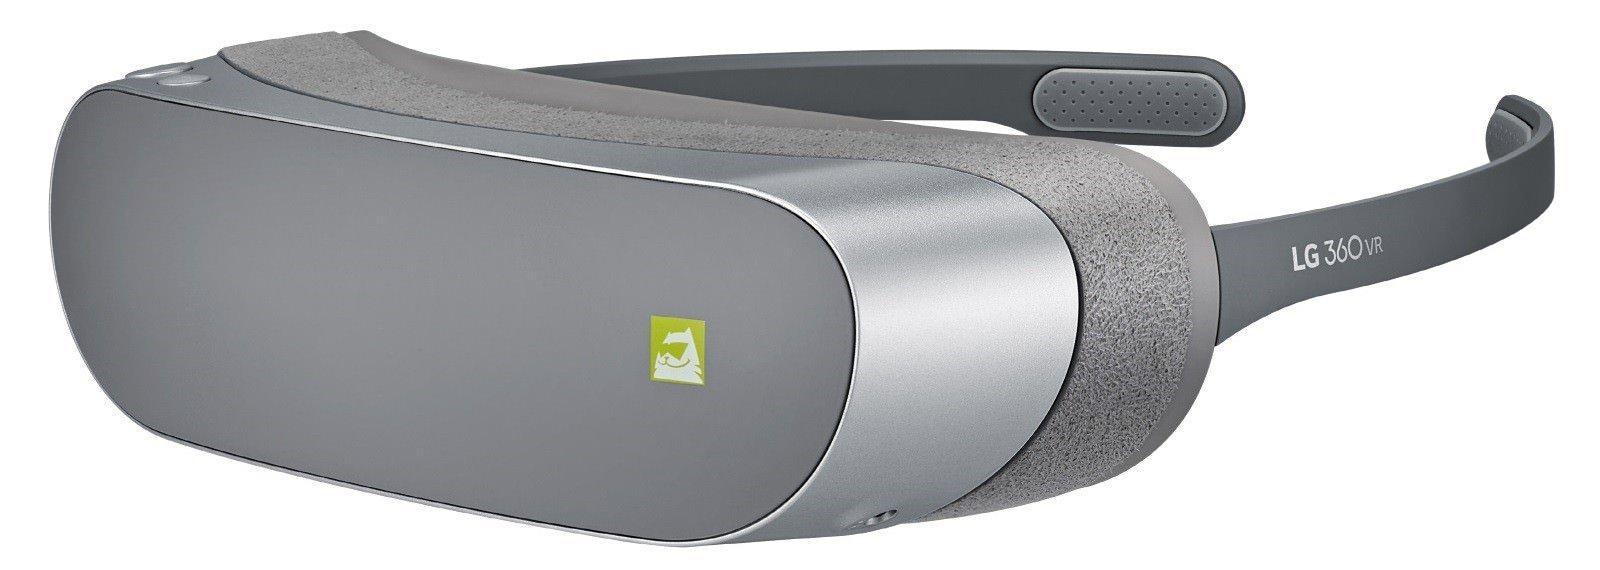 LG G5 modülleri ve diğer ekipmanları_LG 360 VR Gözlük